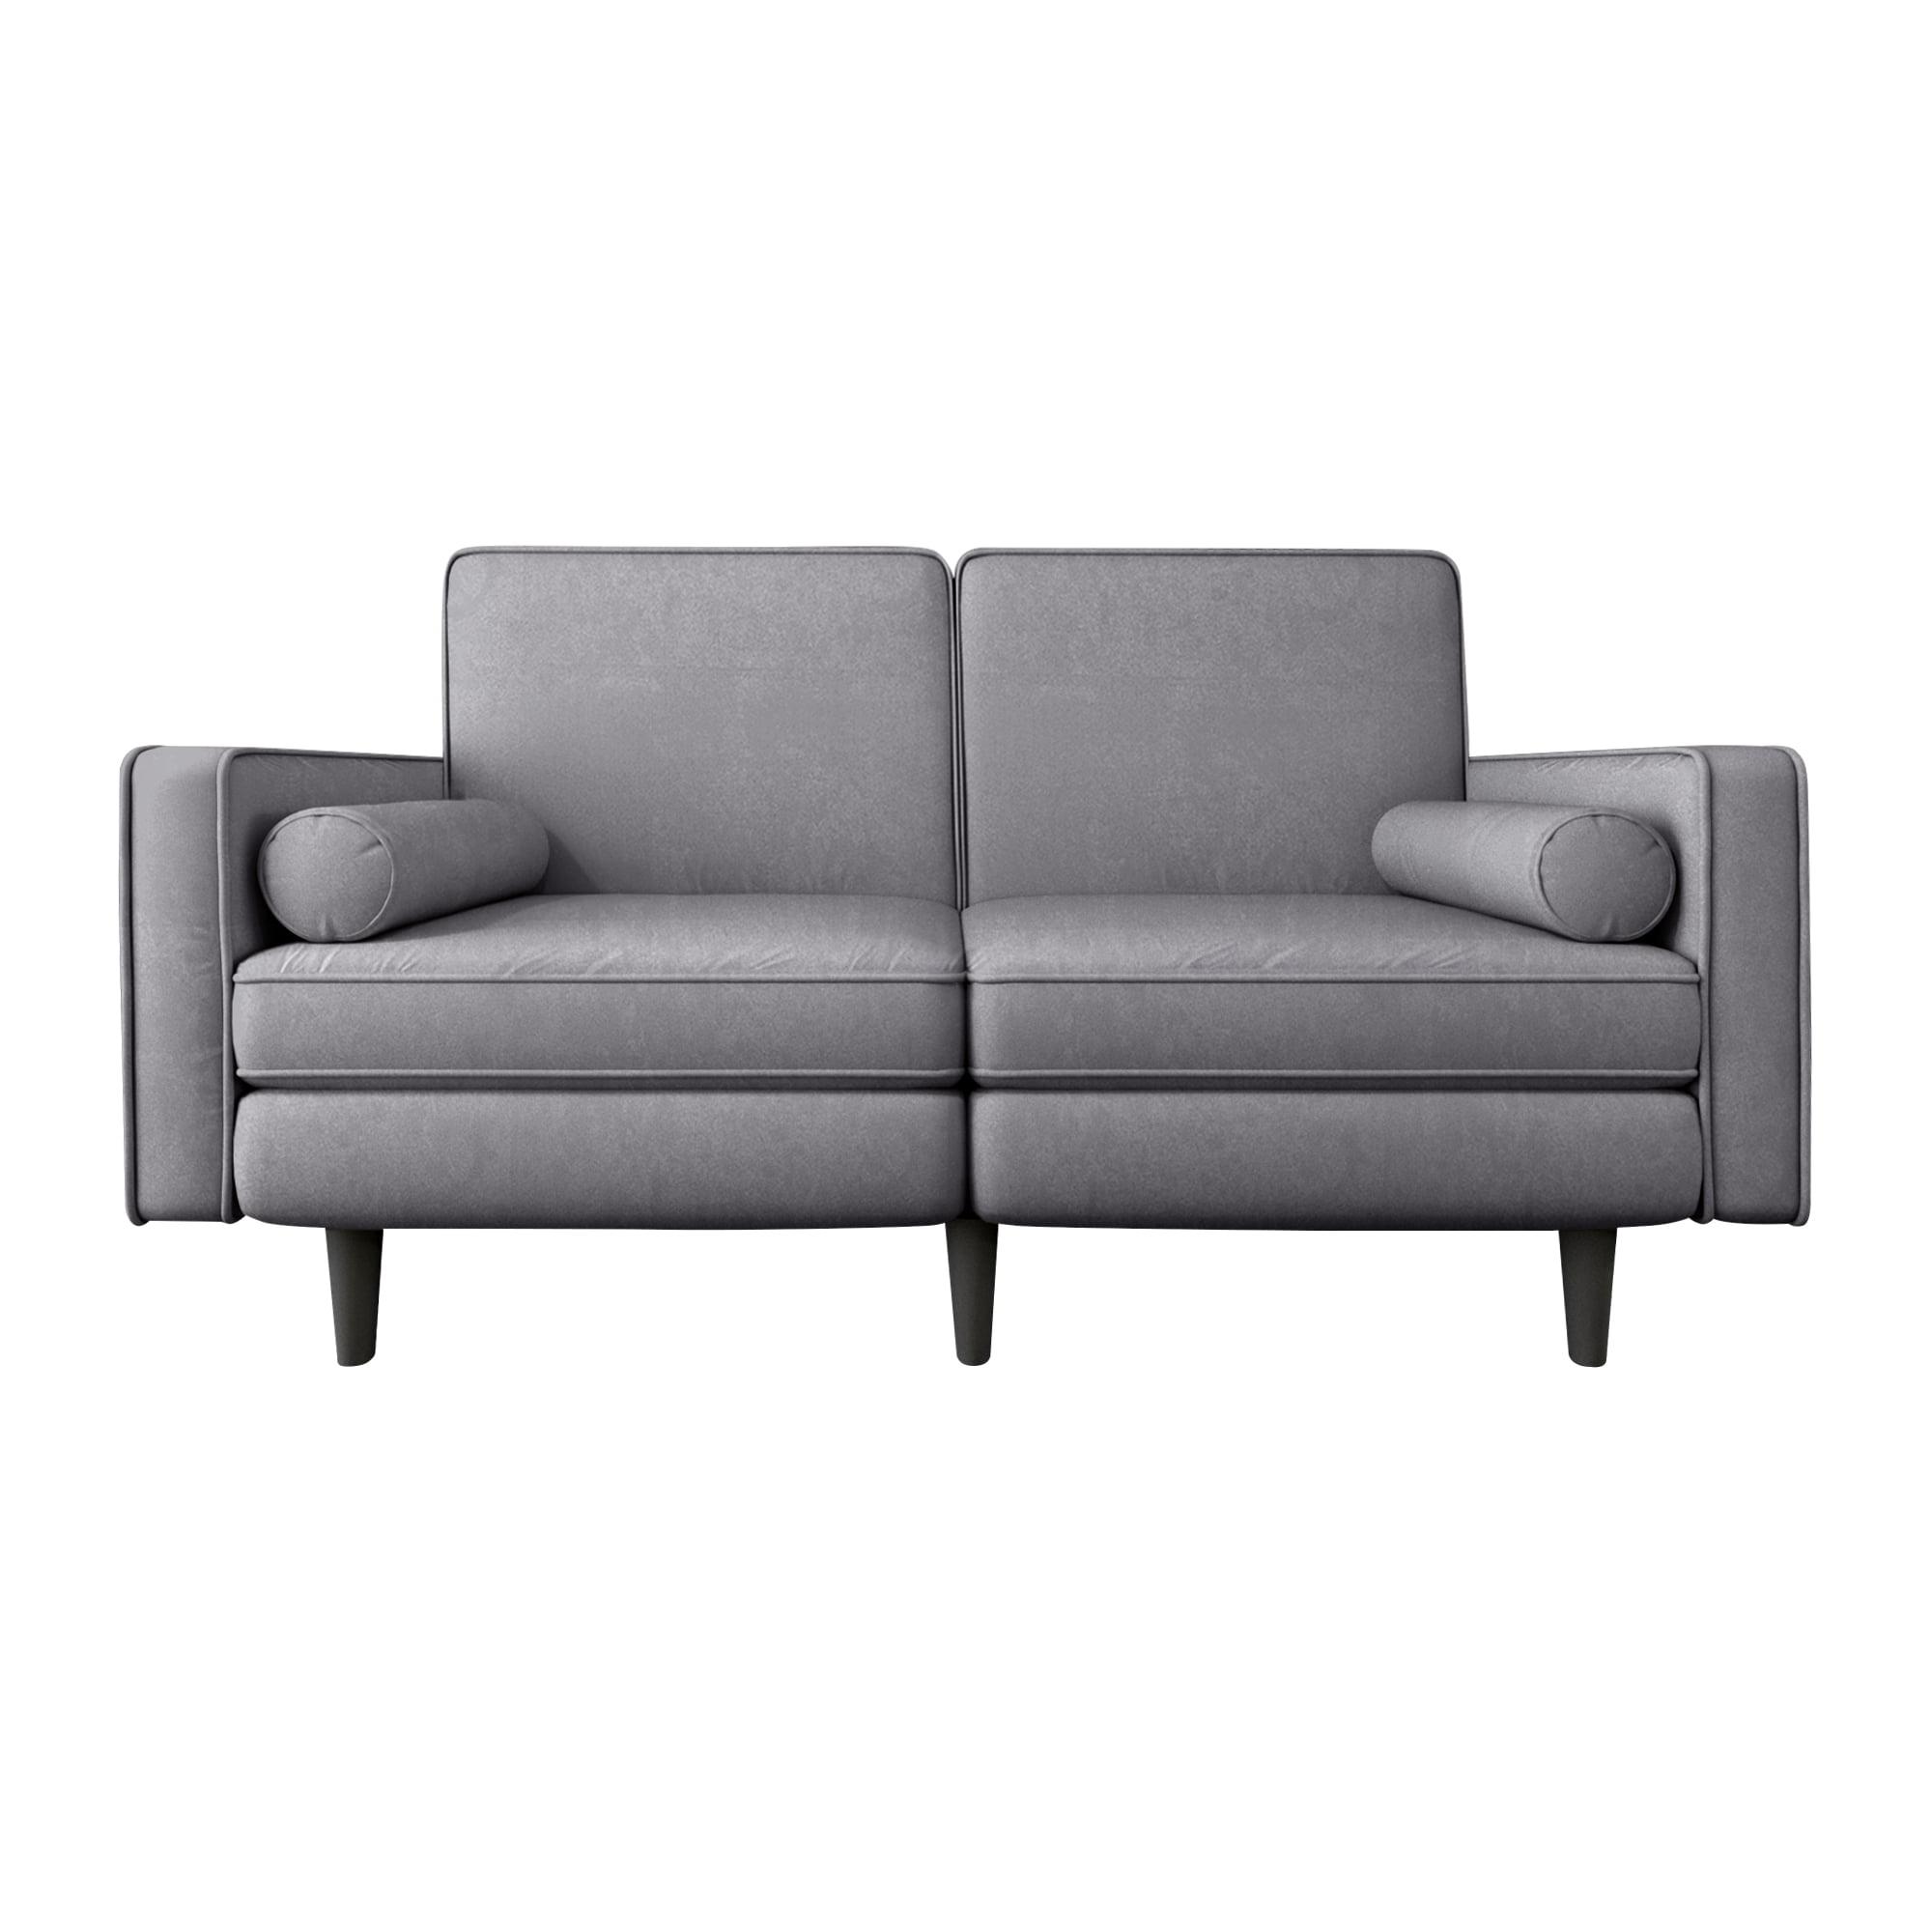 北欧布艺两人绒布沙发 - 灰色